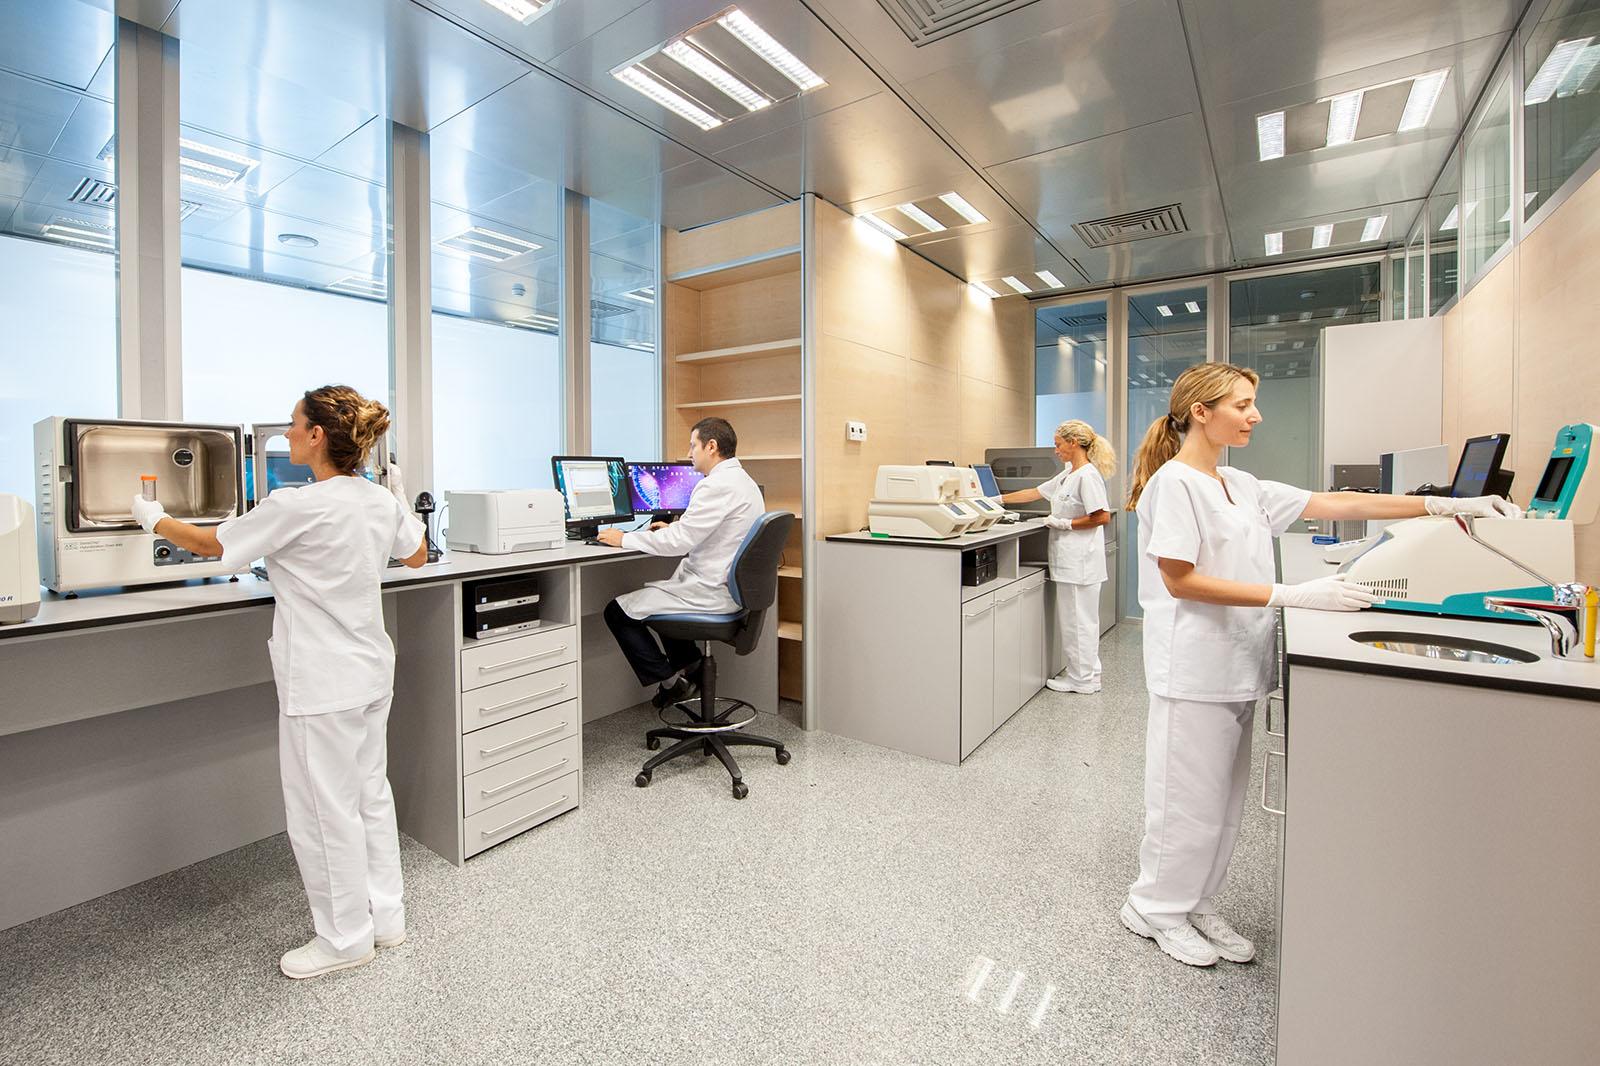 Análisis-Clínicos-Clínica-Rotger-Hospital-Mallorca-Laboratorio-Molecular